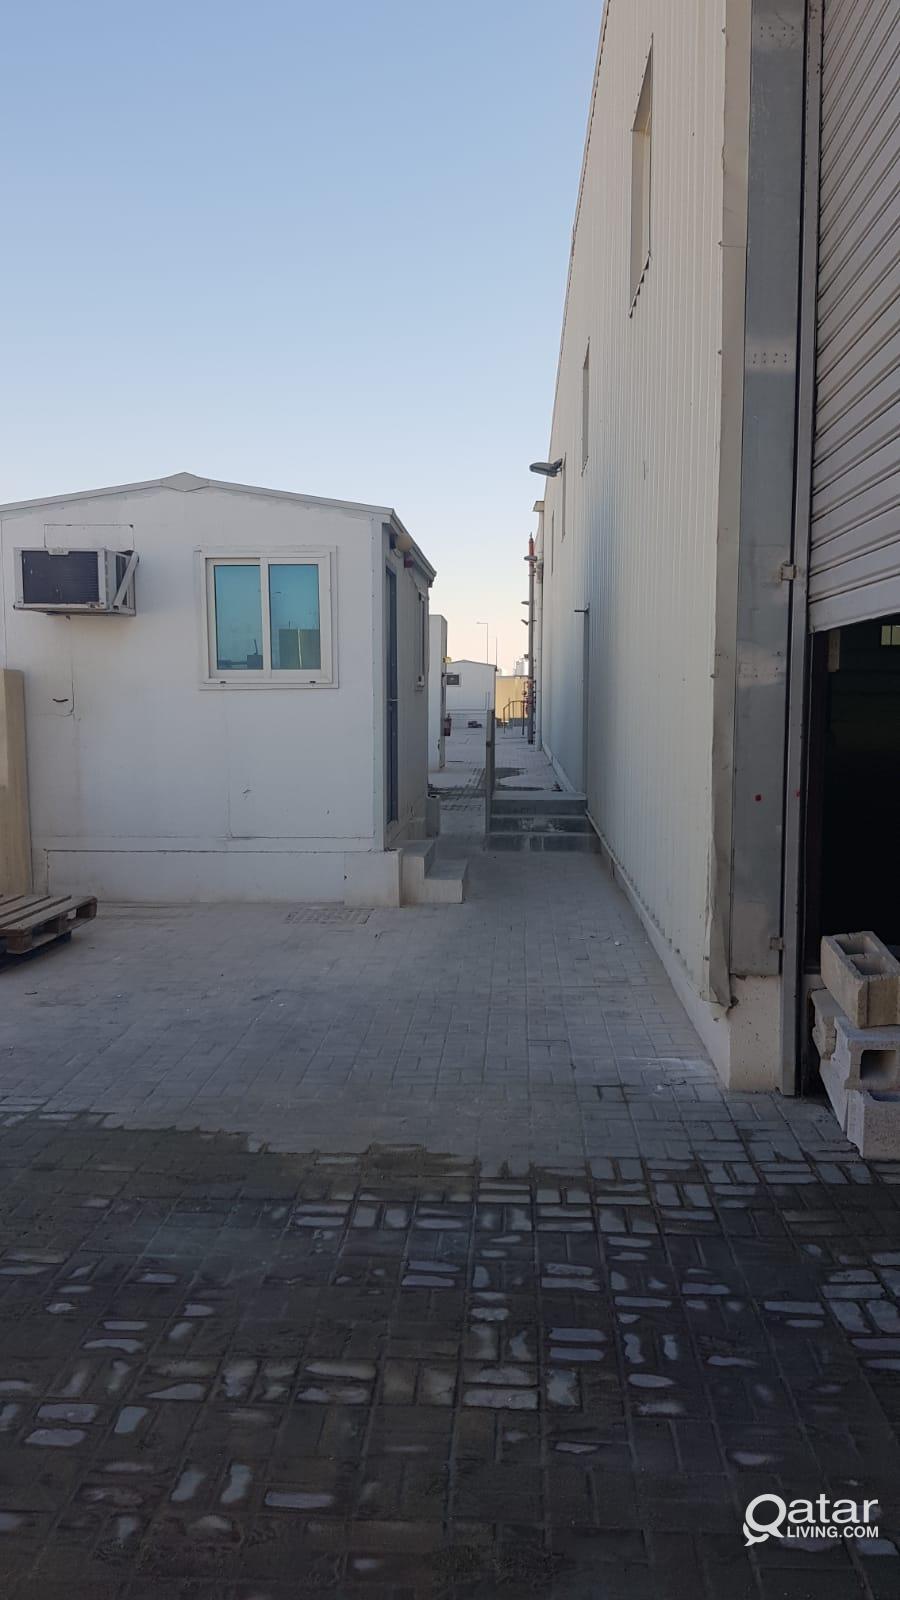 STORE FOR RENT at Berkat Al Awamer for rent (3200.